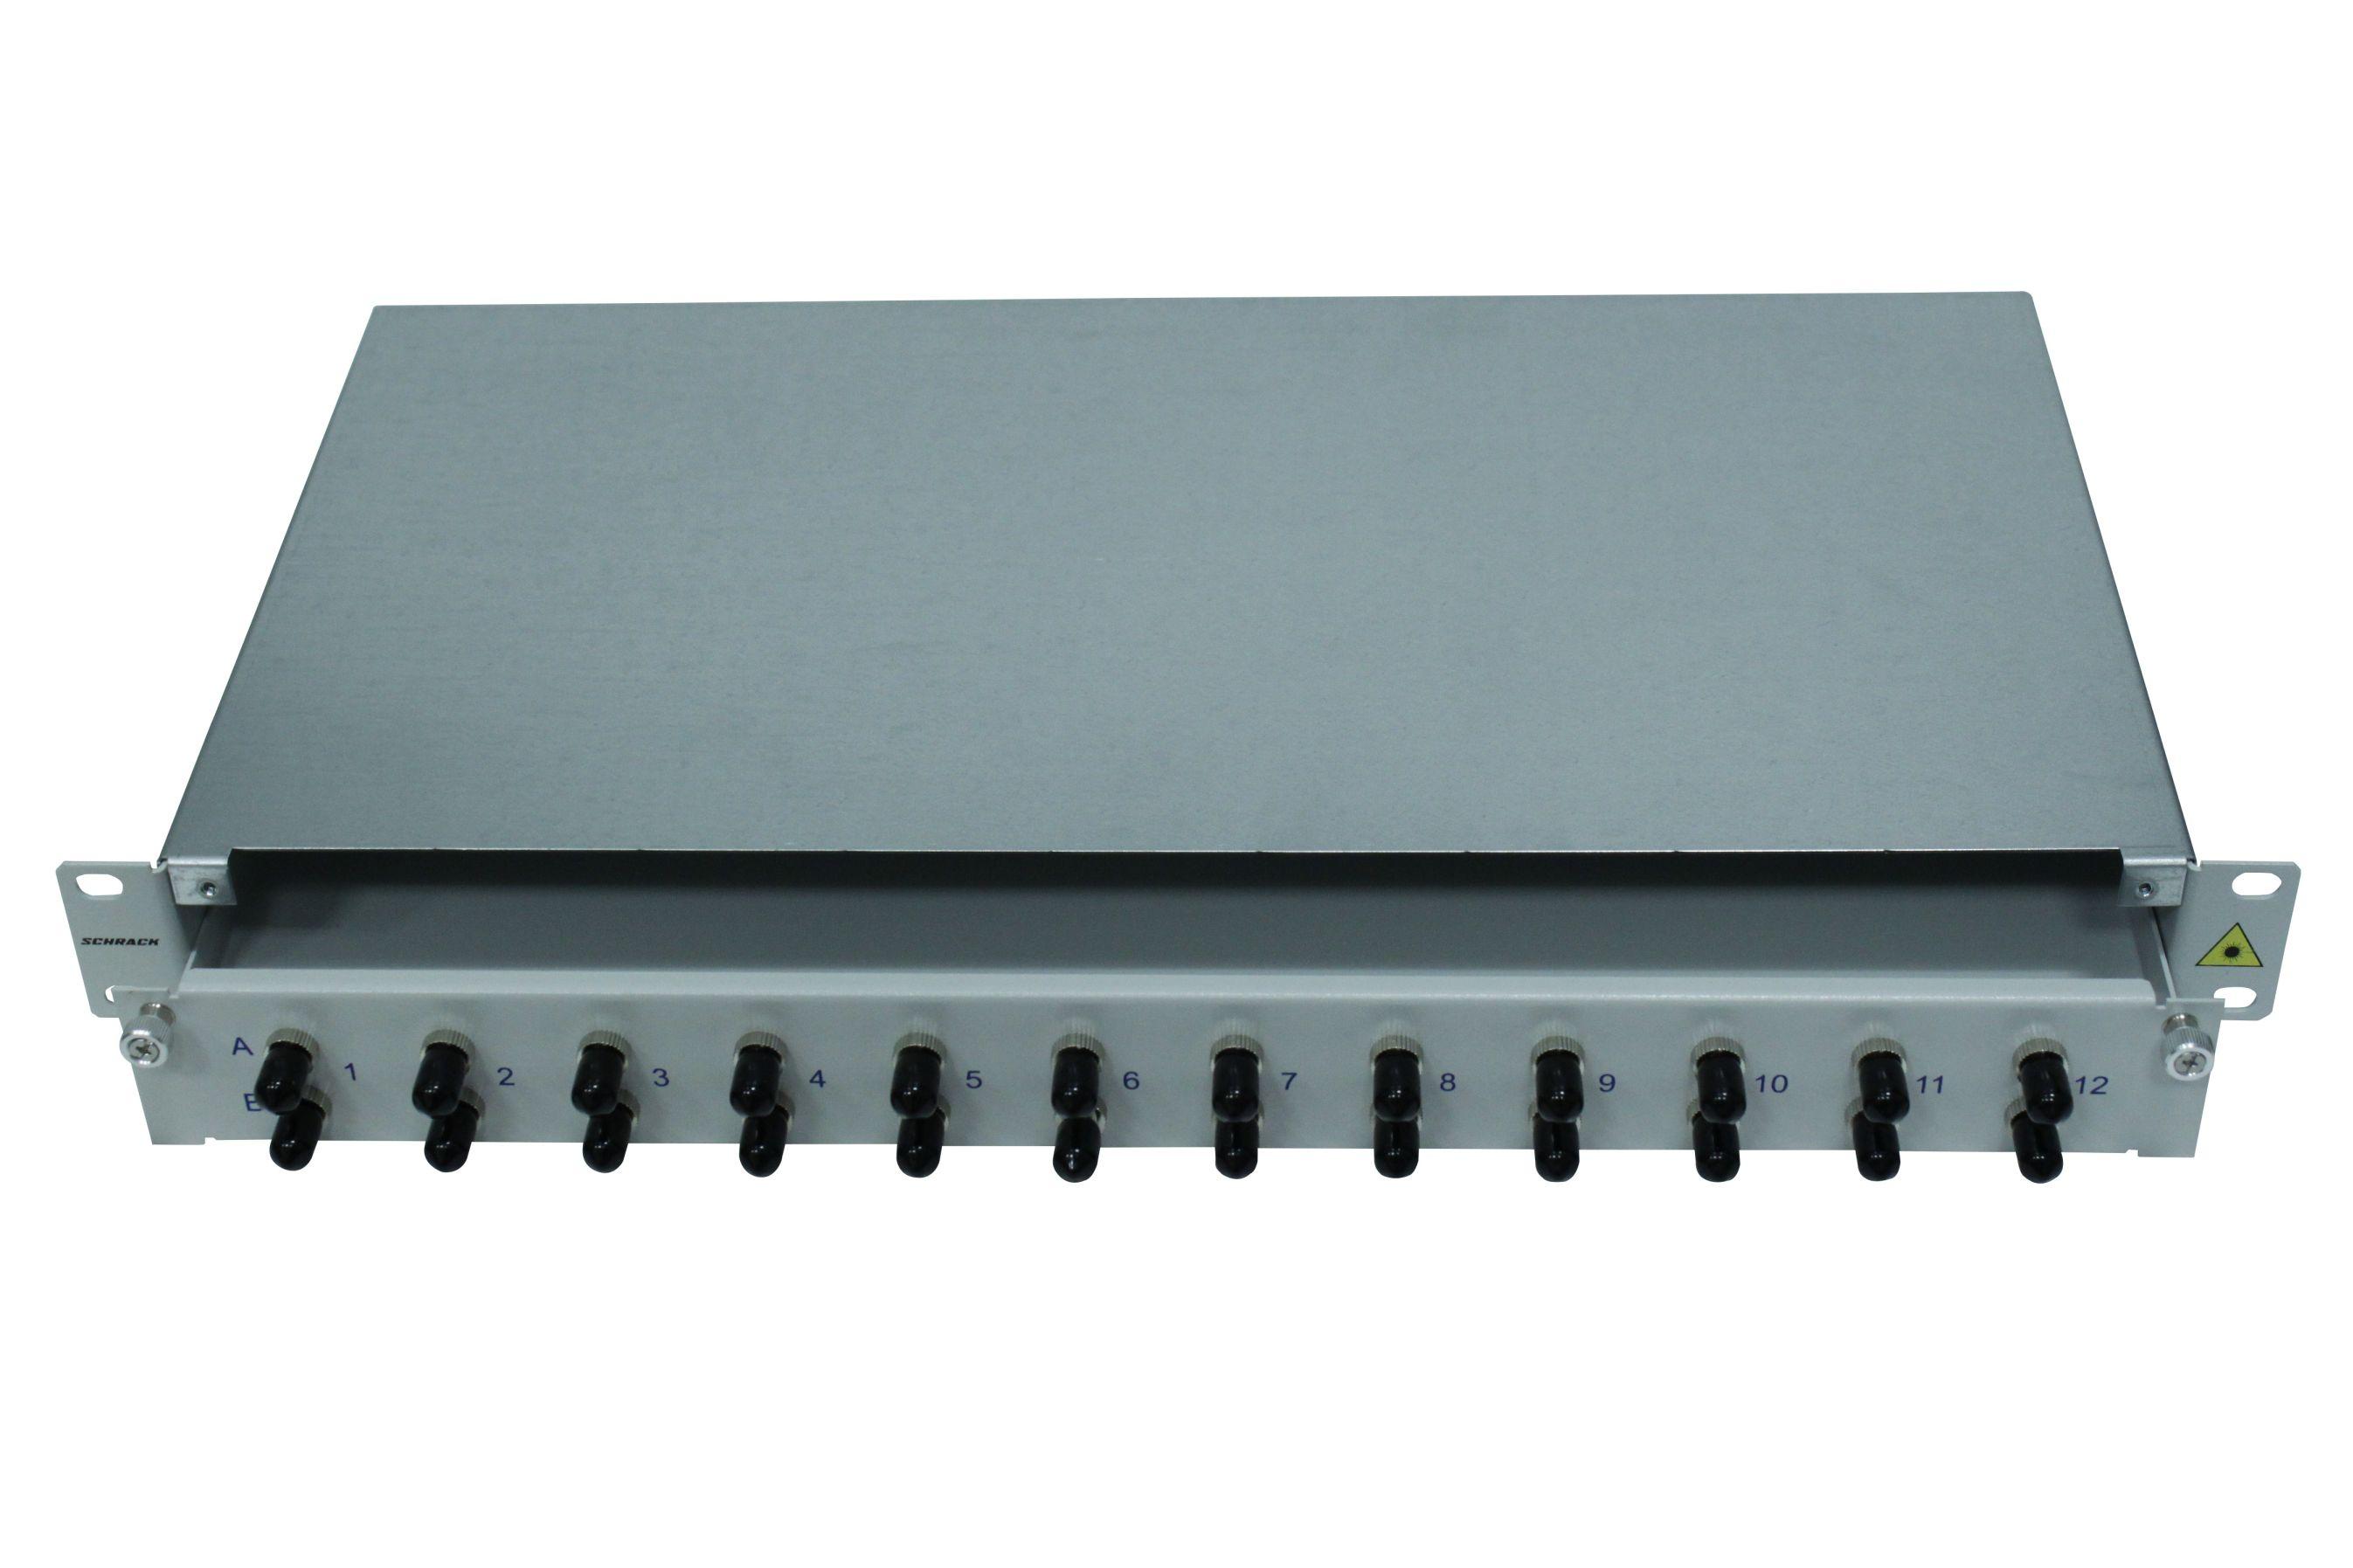 1 Stk LWL Patchpanel 19, 1 HE, ausziehbar, für 24 Fasern, ST, MM HSELS24MTG